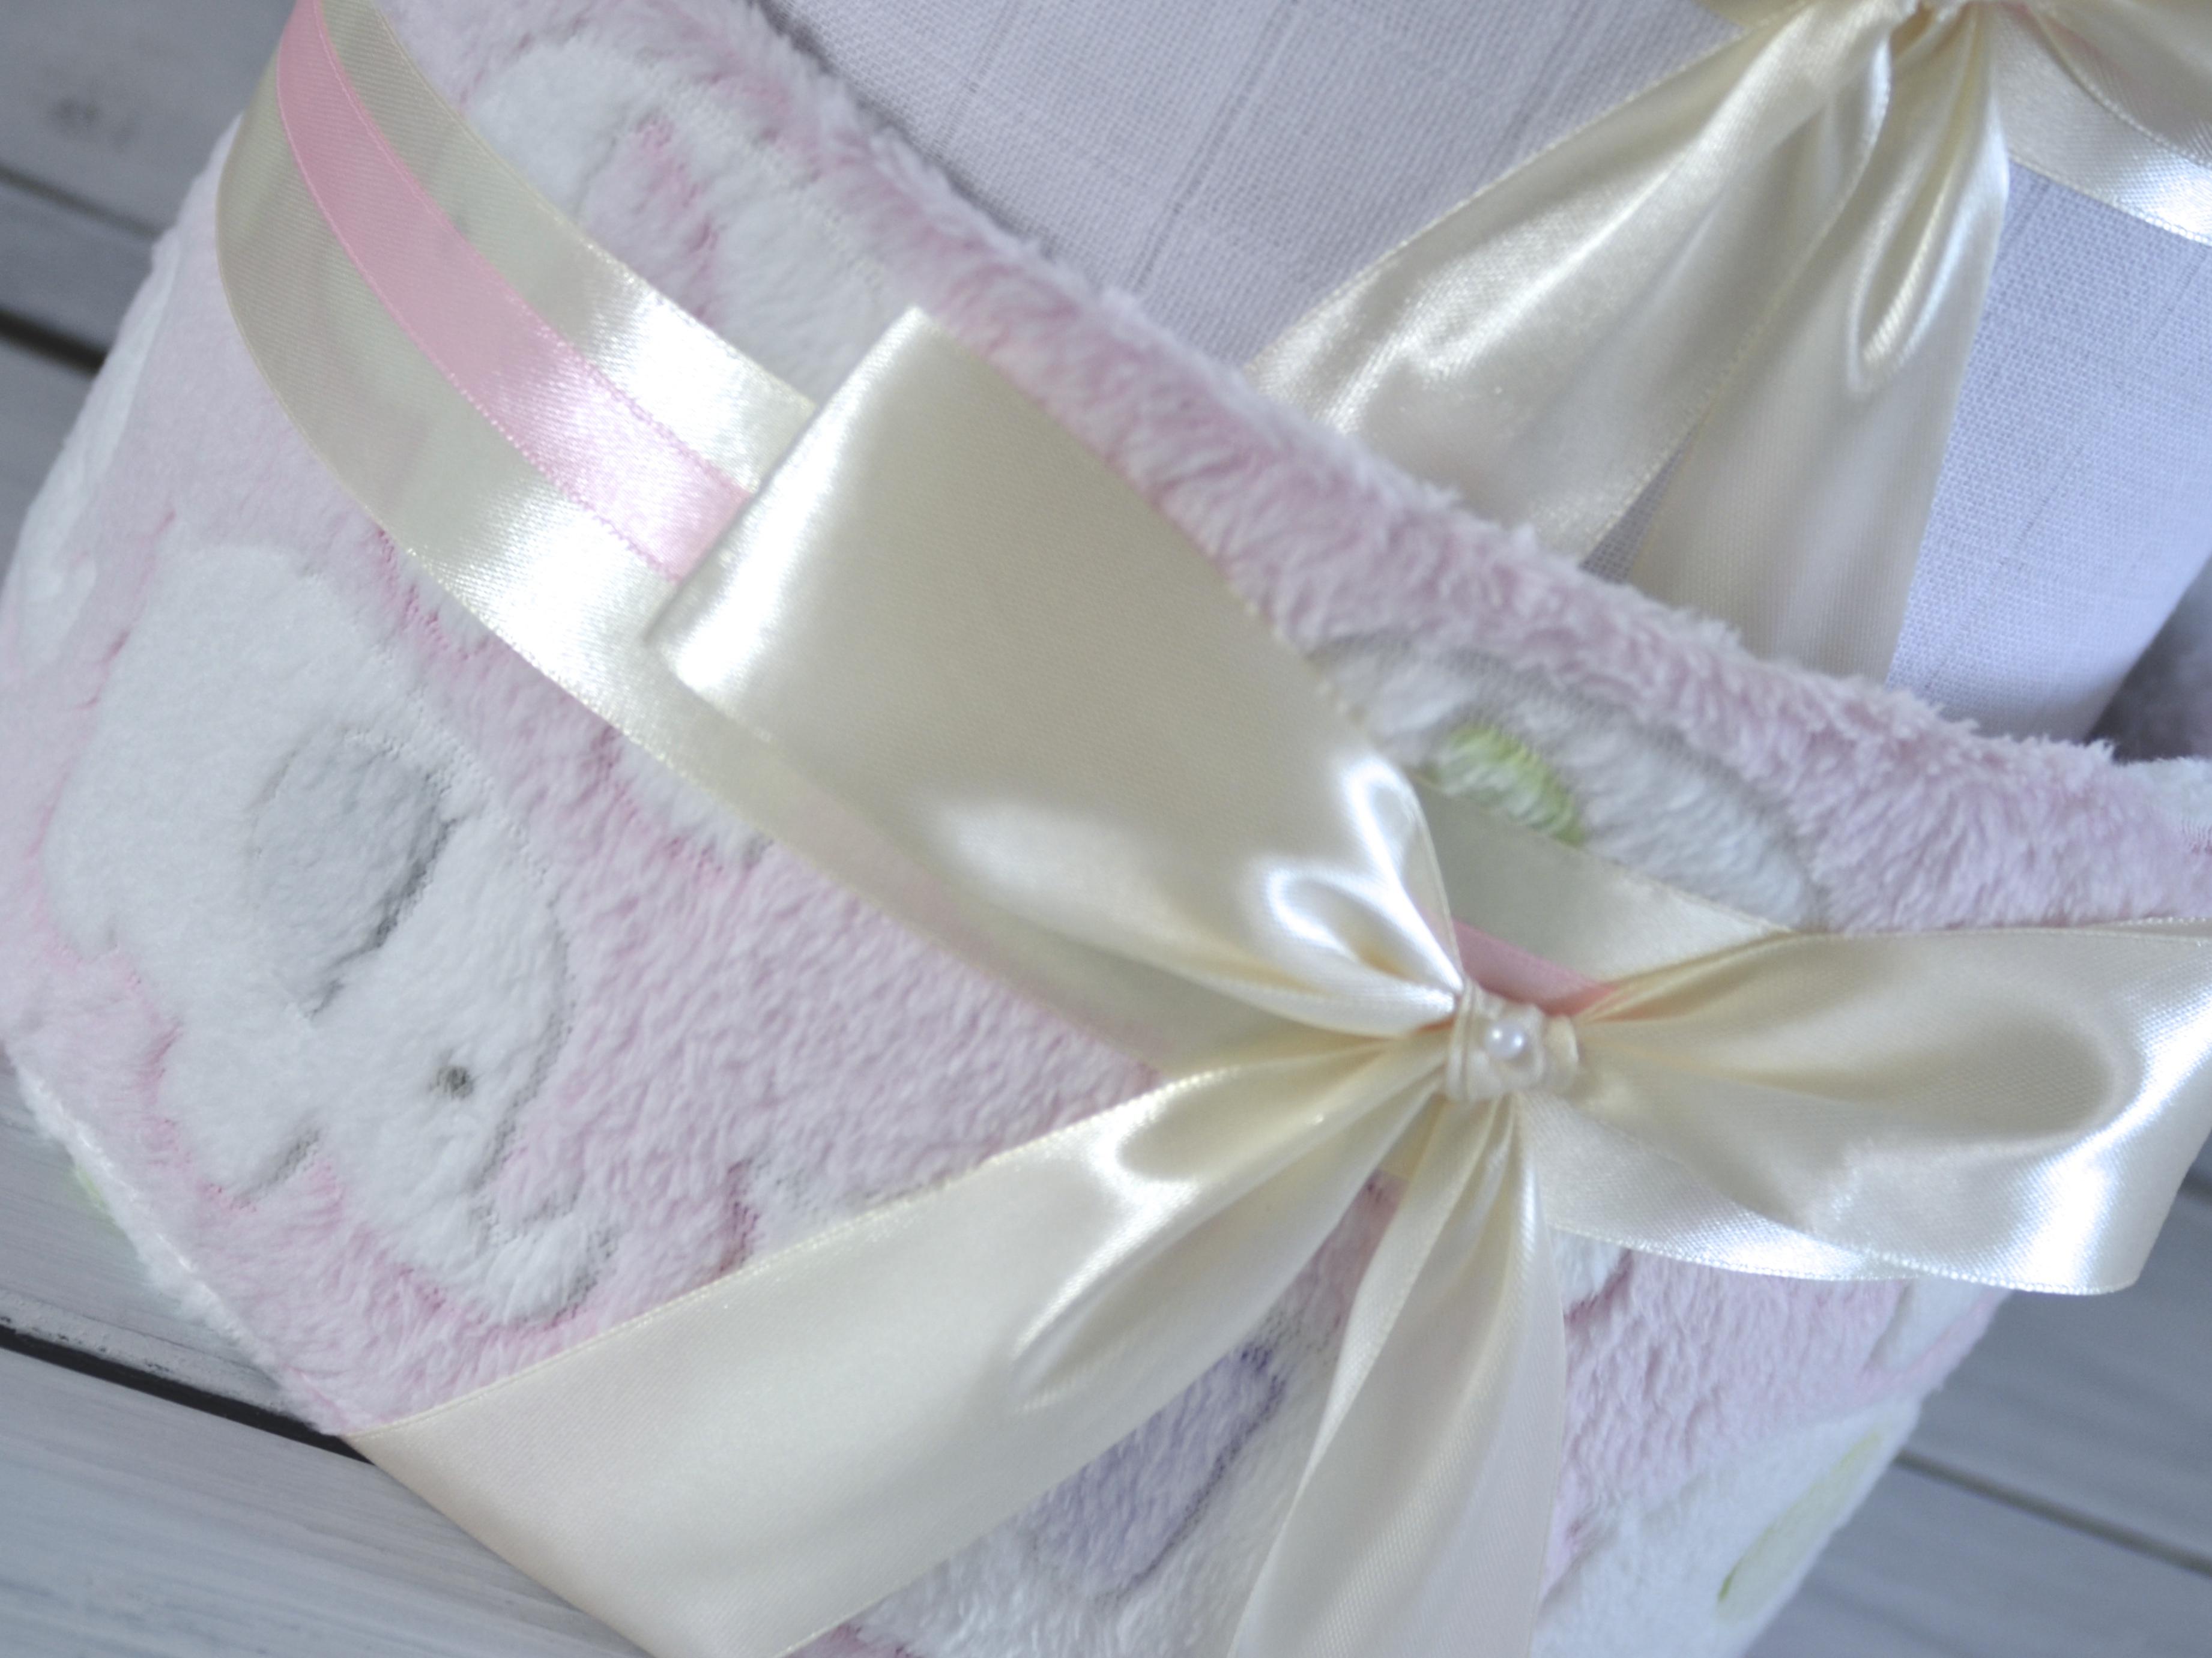 Růžová deka se sloníky nově i na dvoupatrovém plenkovém dortu